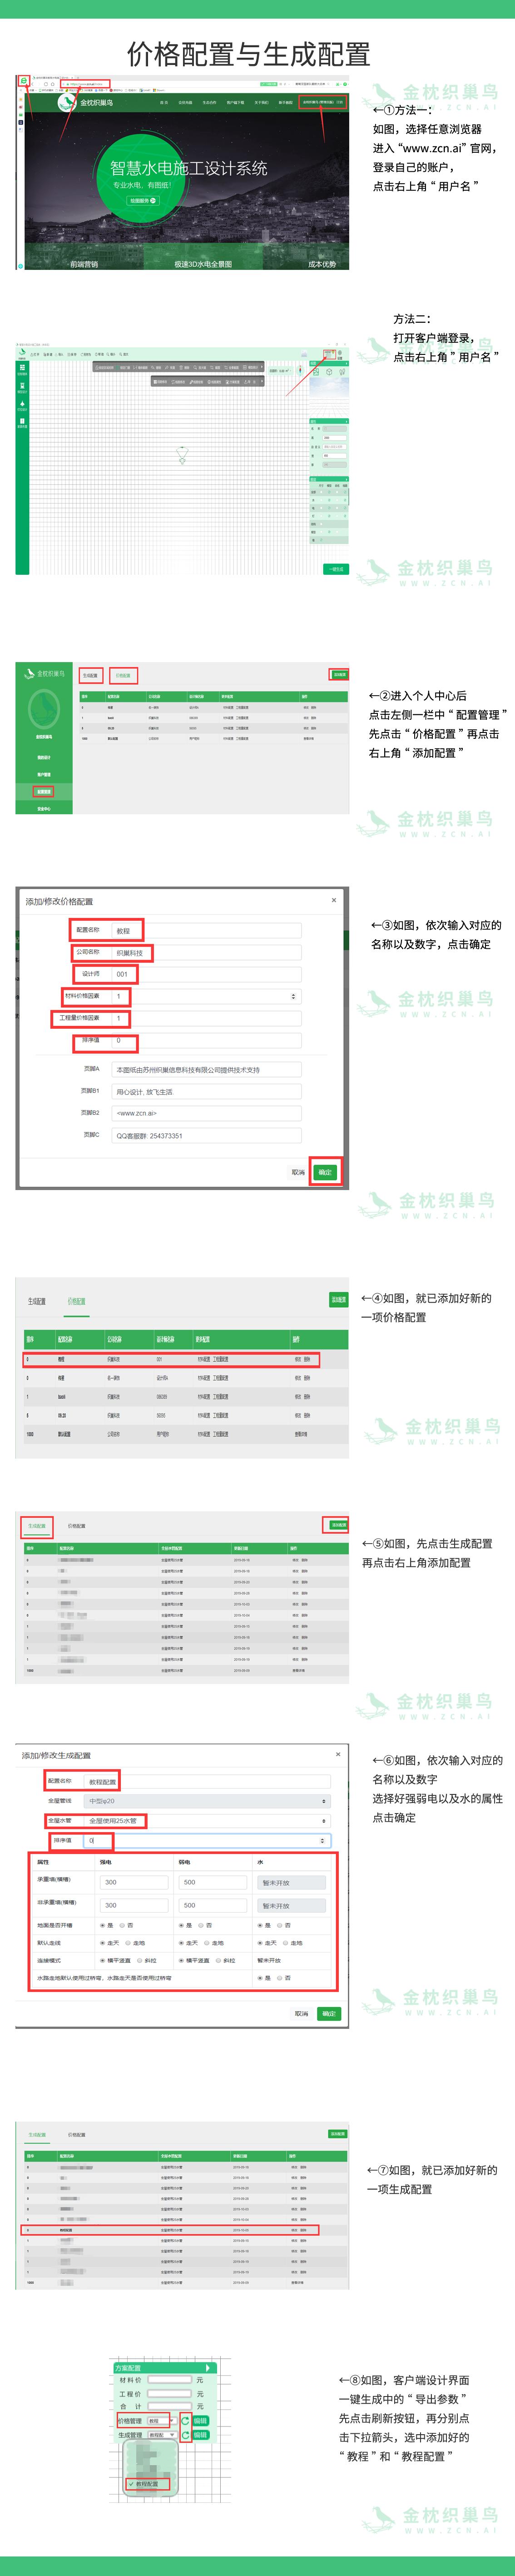 价格配置与生成配置3.0.png